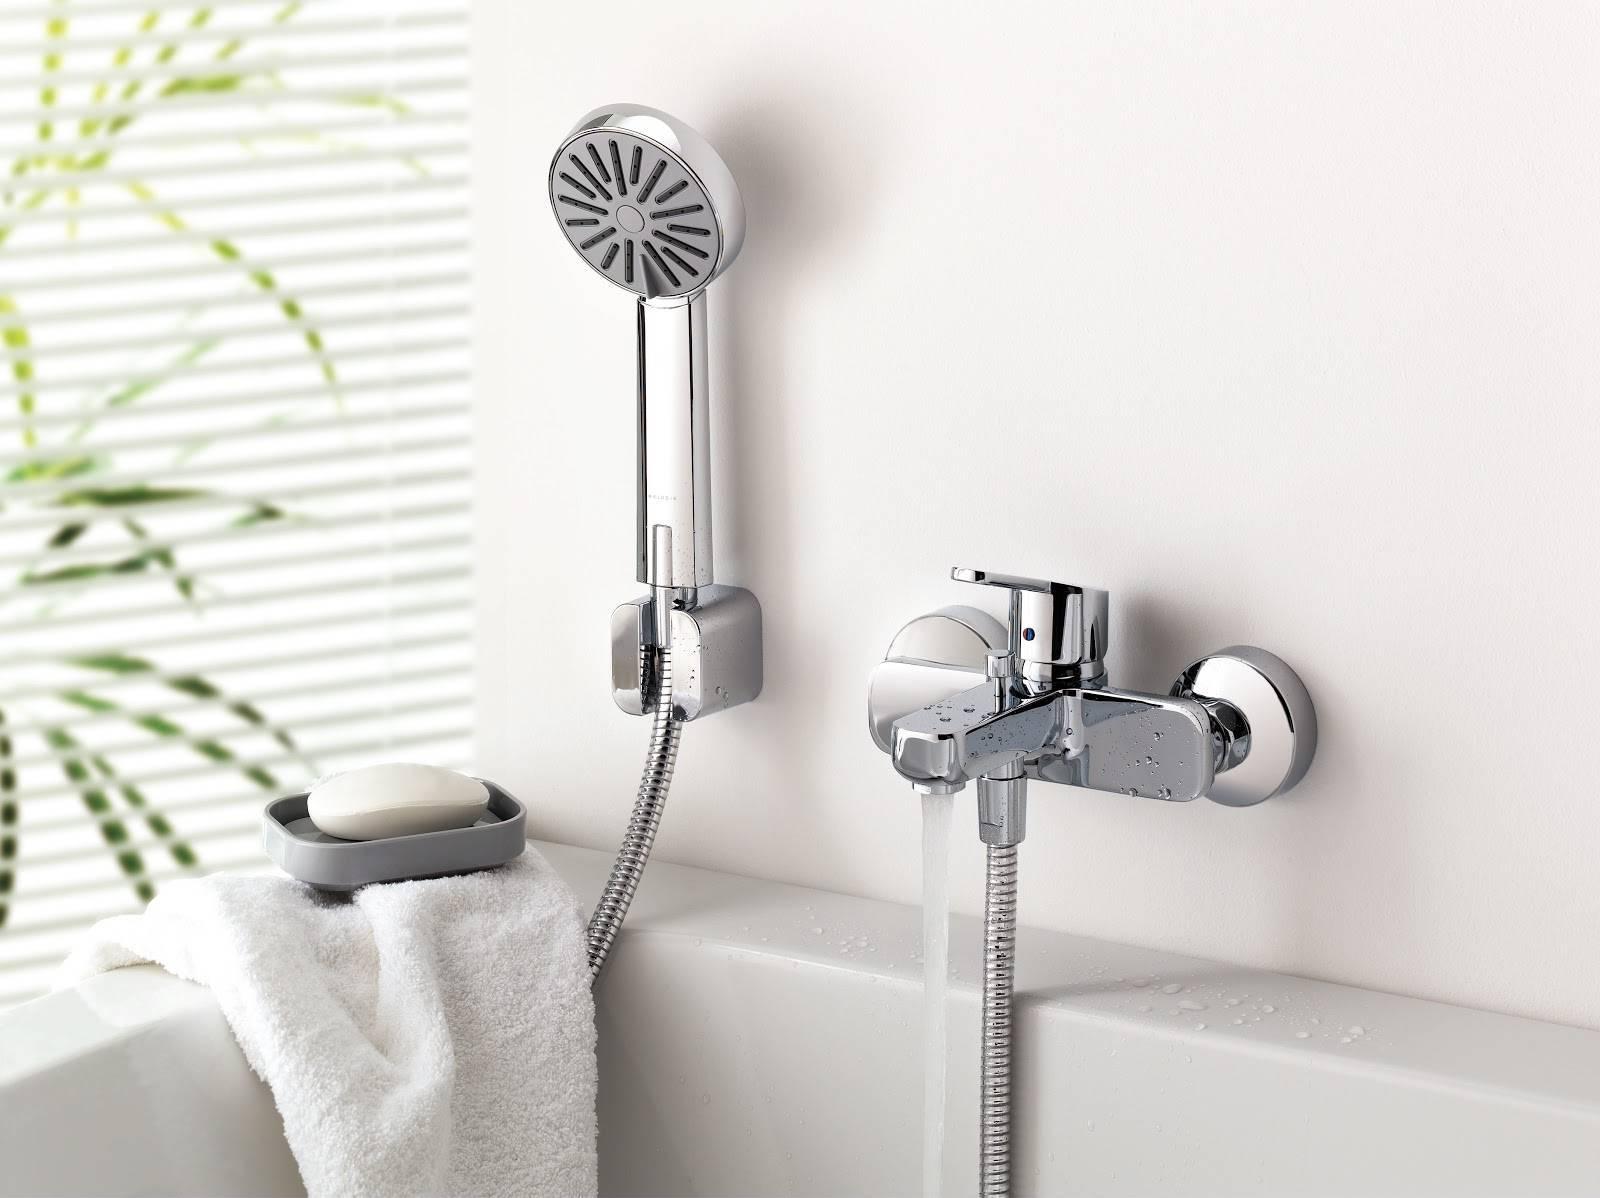 Проточный водонагреватель электрический на душ: как выбрать правильно / zonavannoi.ru